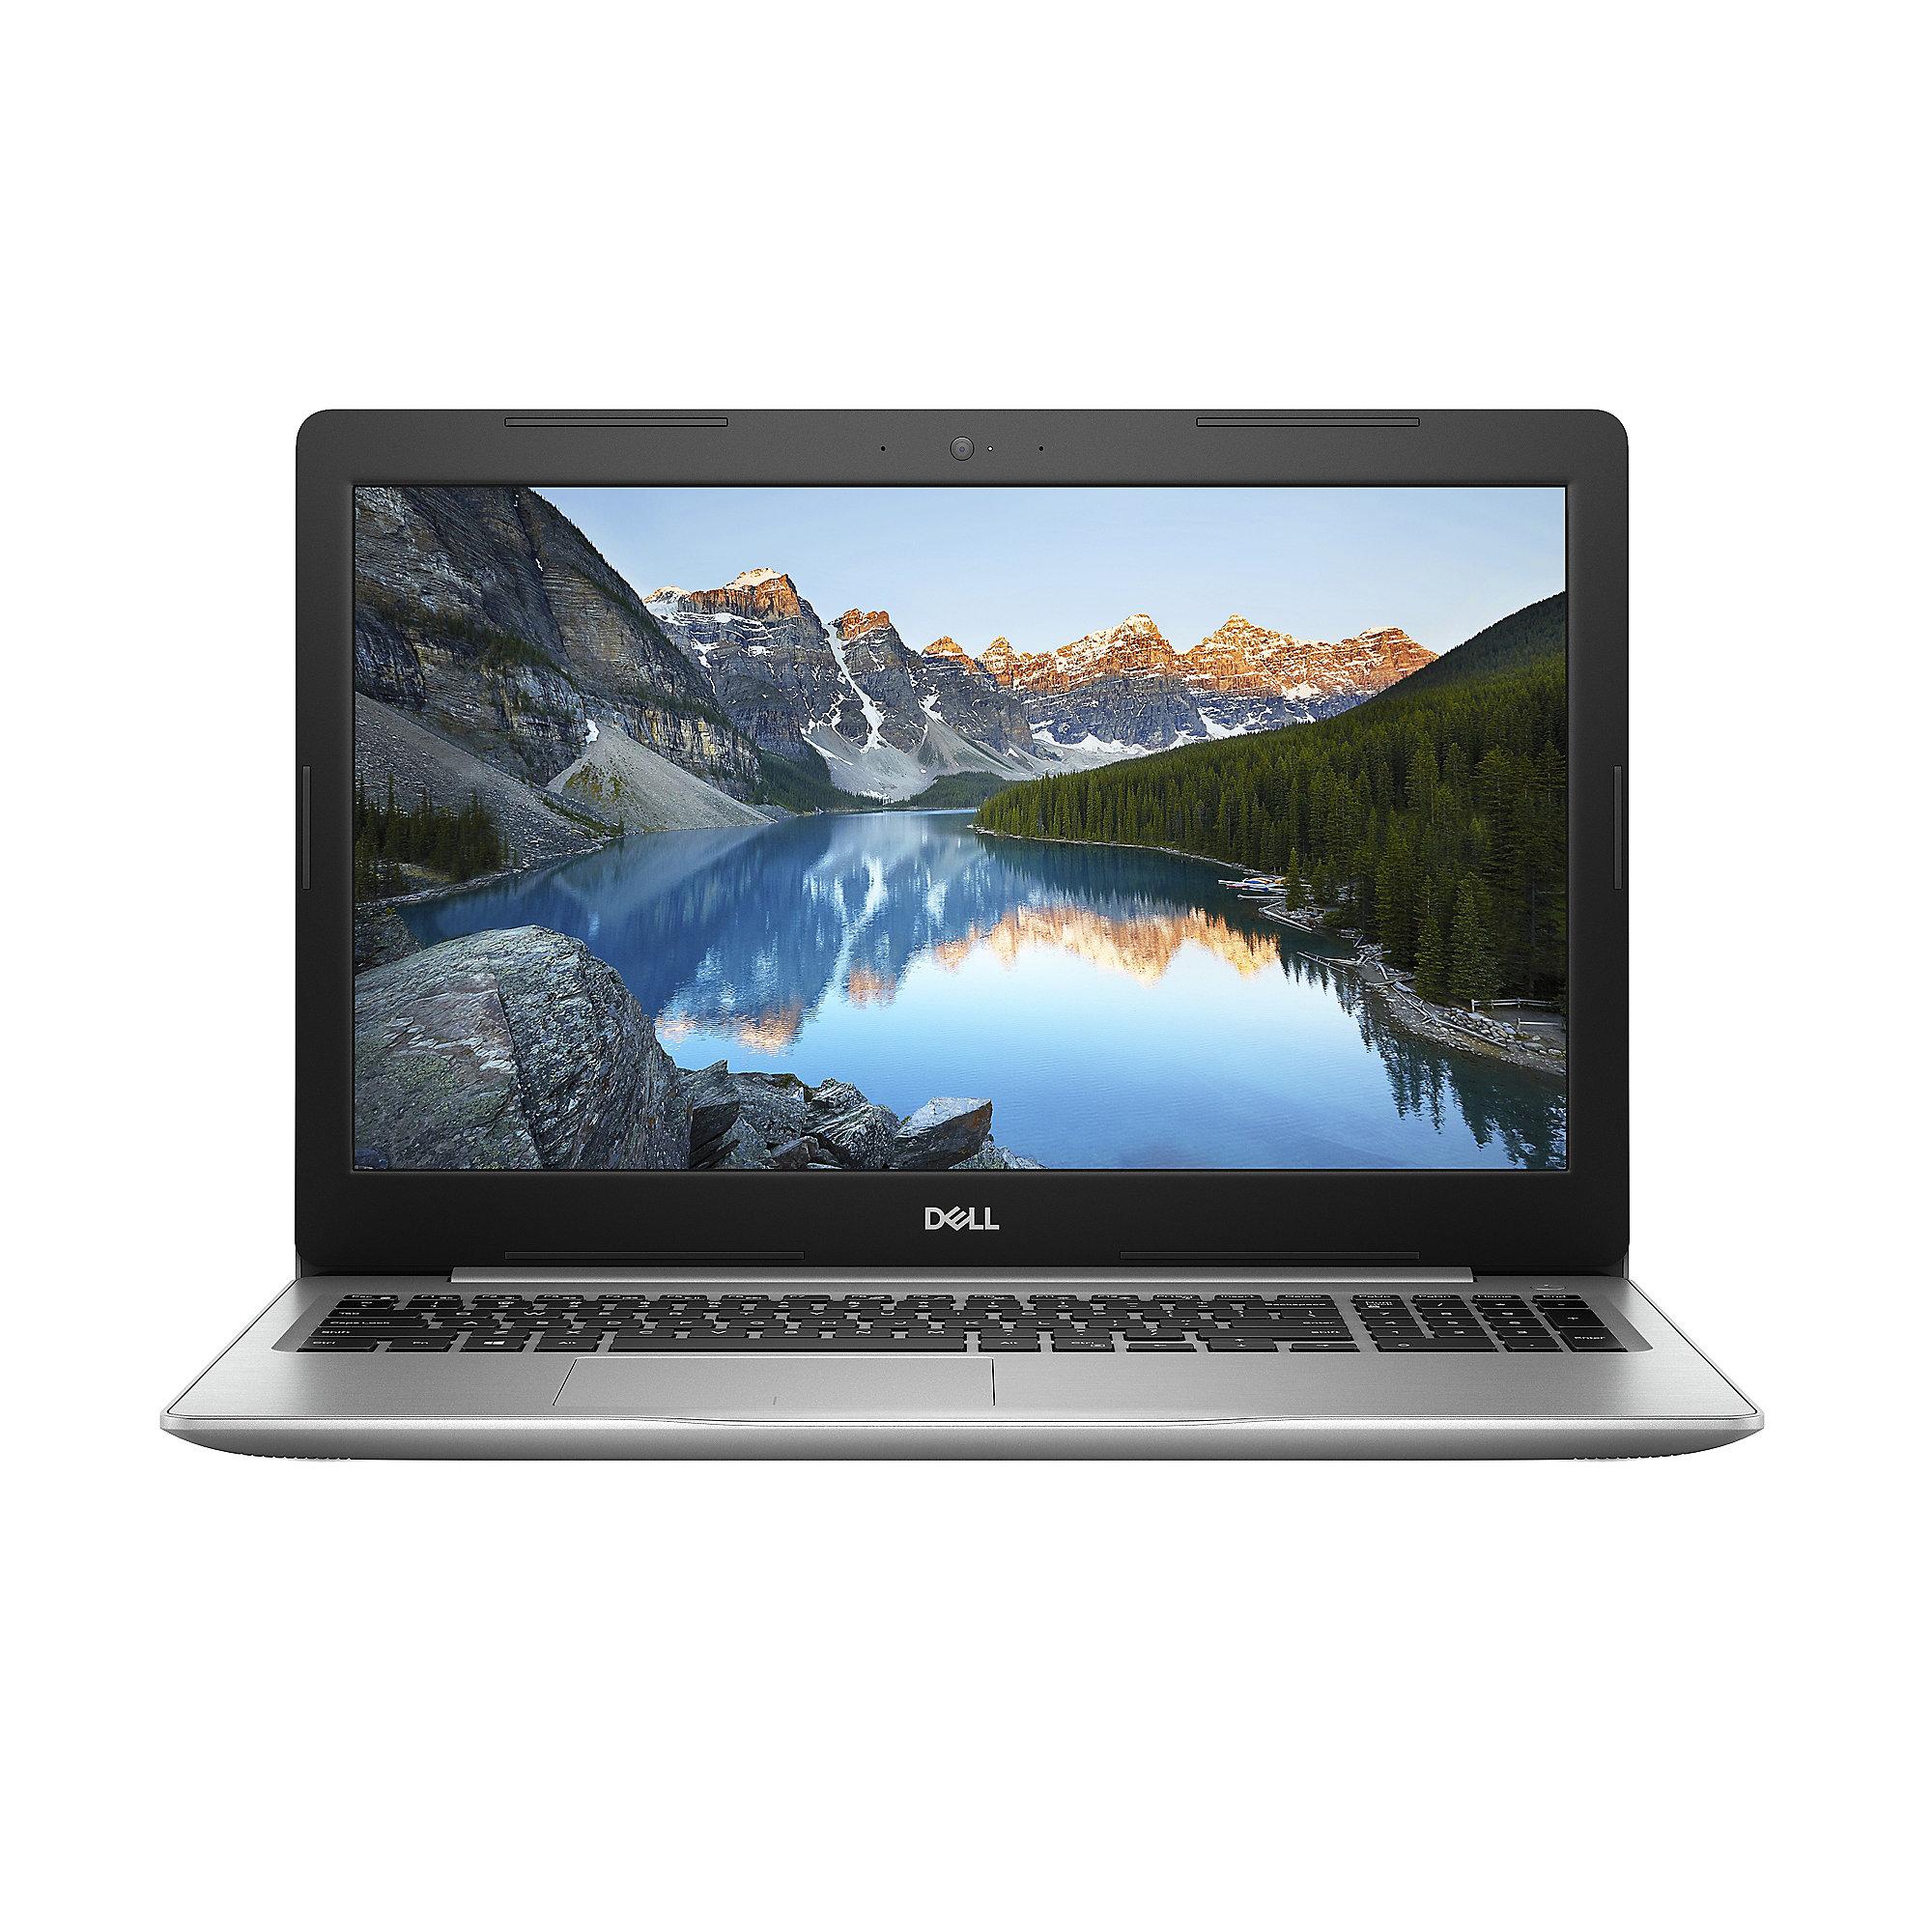 [Cyberport] Dell Inspiron 15 5570 silber, Core i7-8550U, 16GB RAM, 2TB HDD, 256GB SSD (5570-0326)